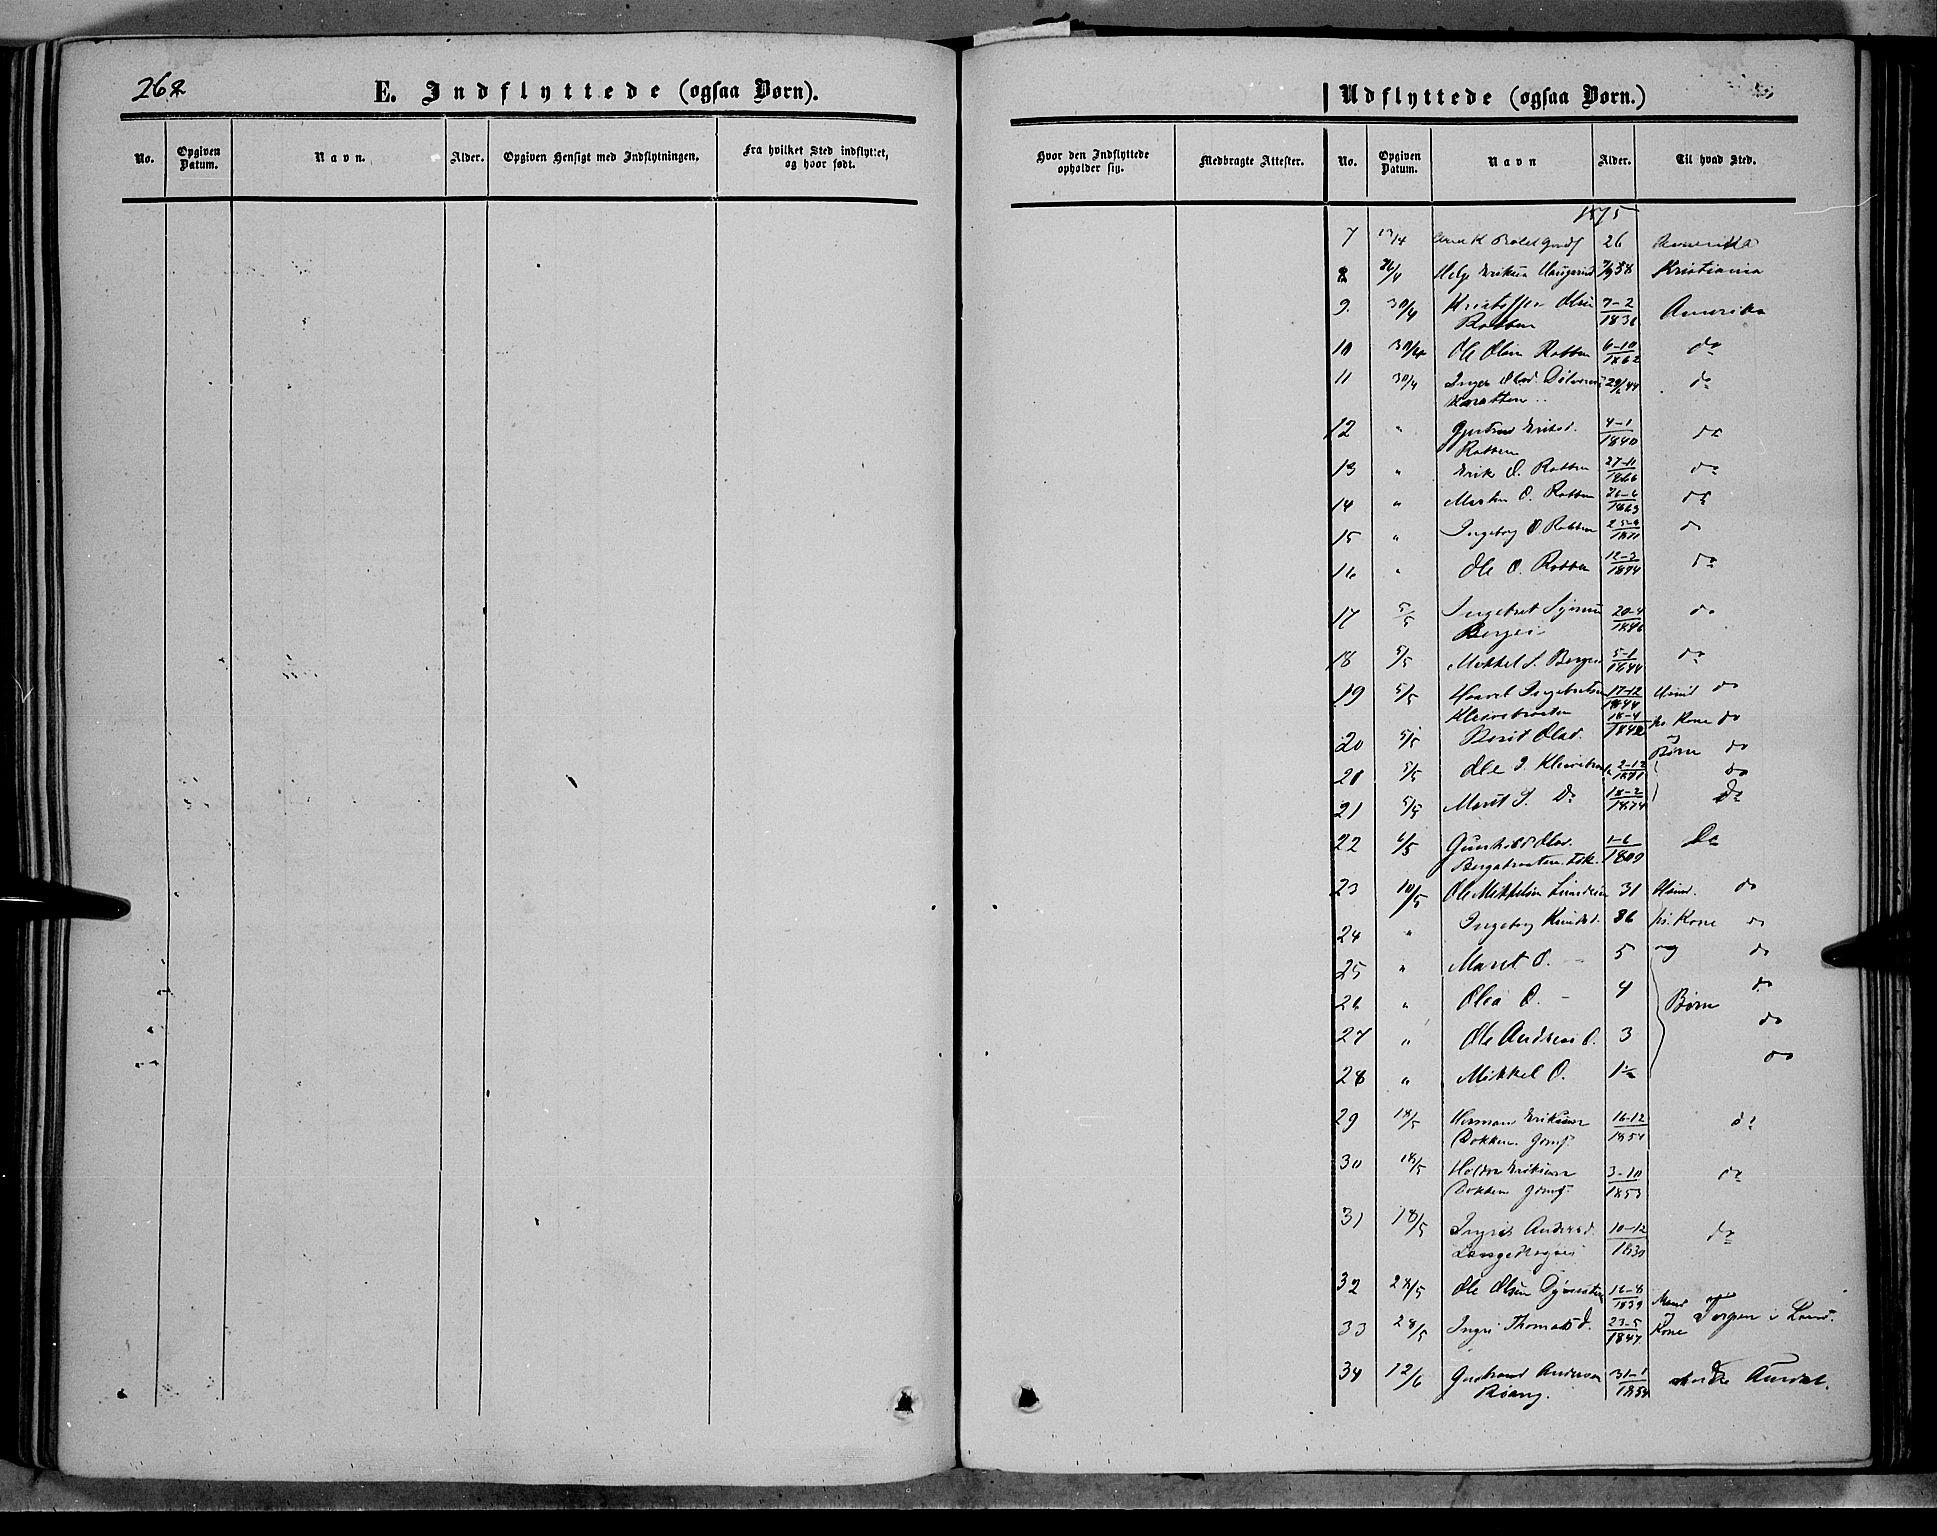 SAH, Sør-Aurdal prestekontor, Ministerialbok nr. 5, 1849-1876, s. 262